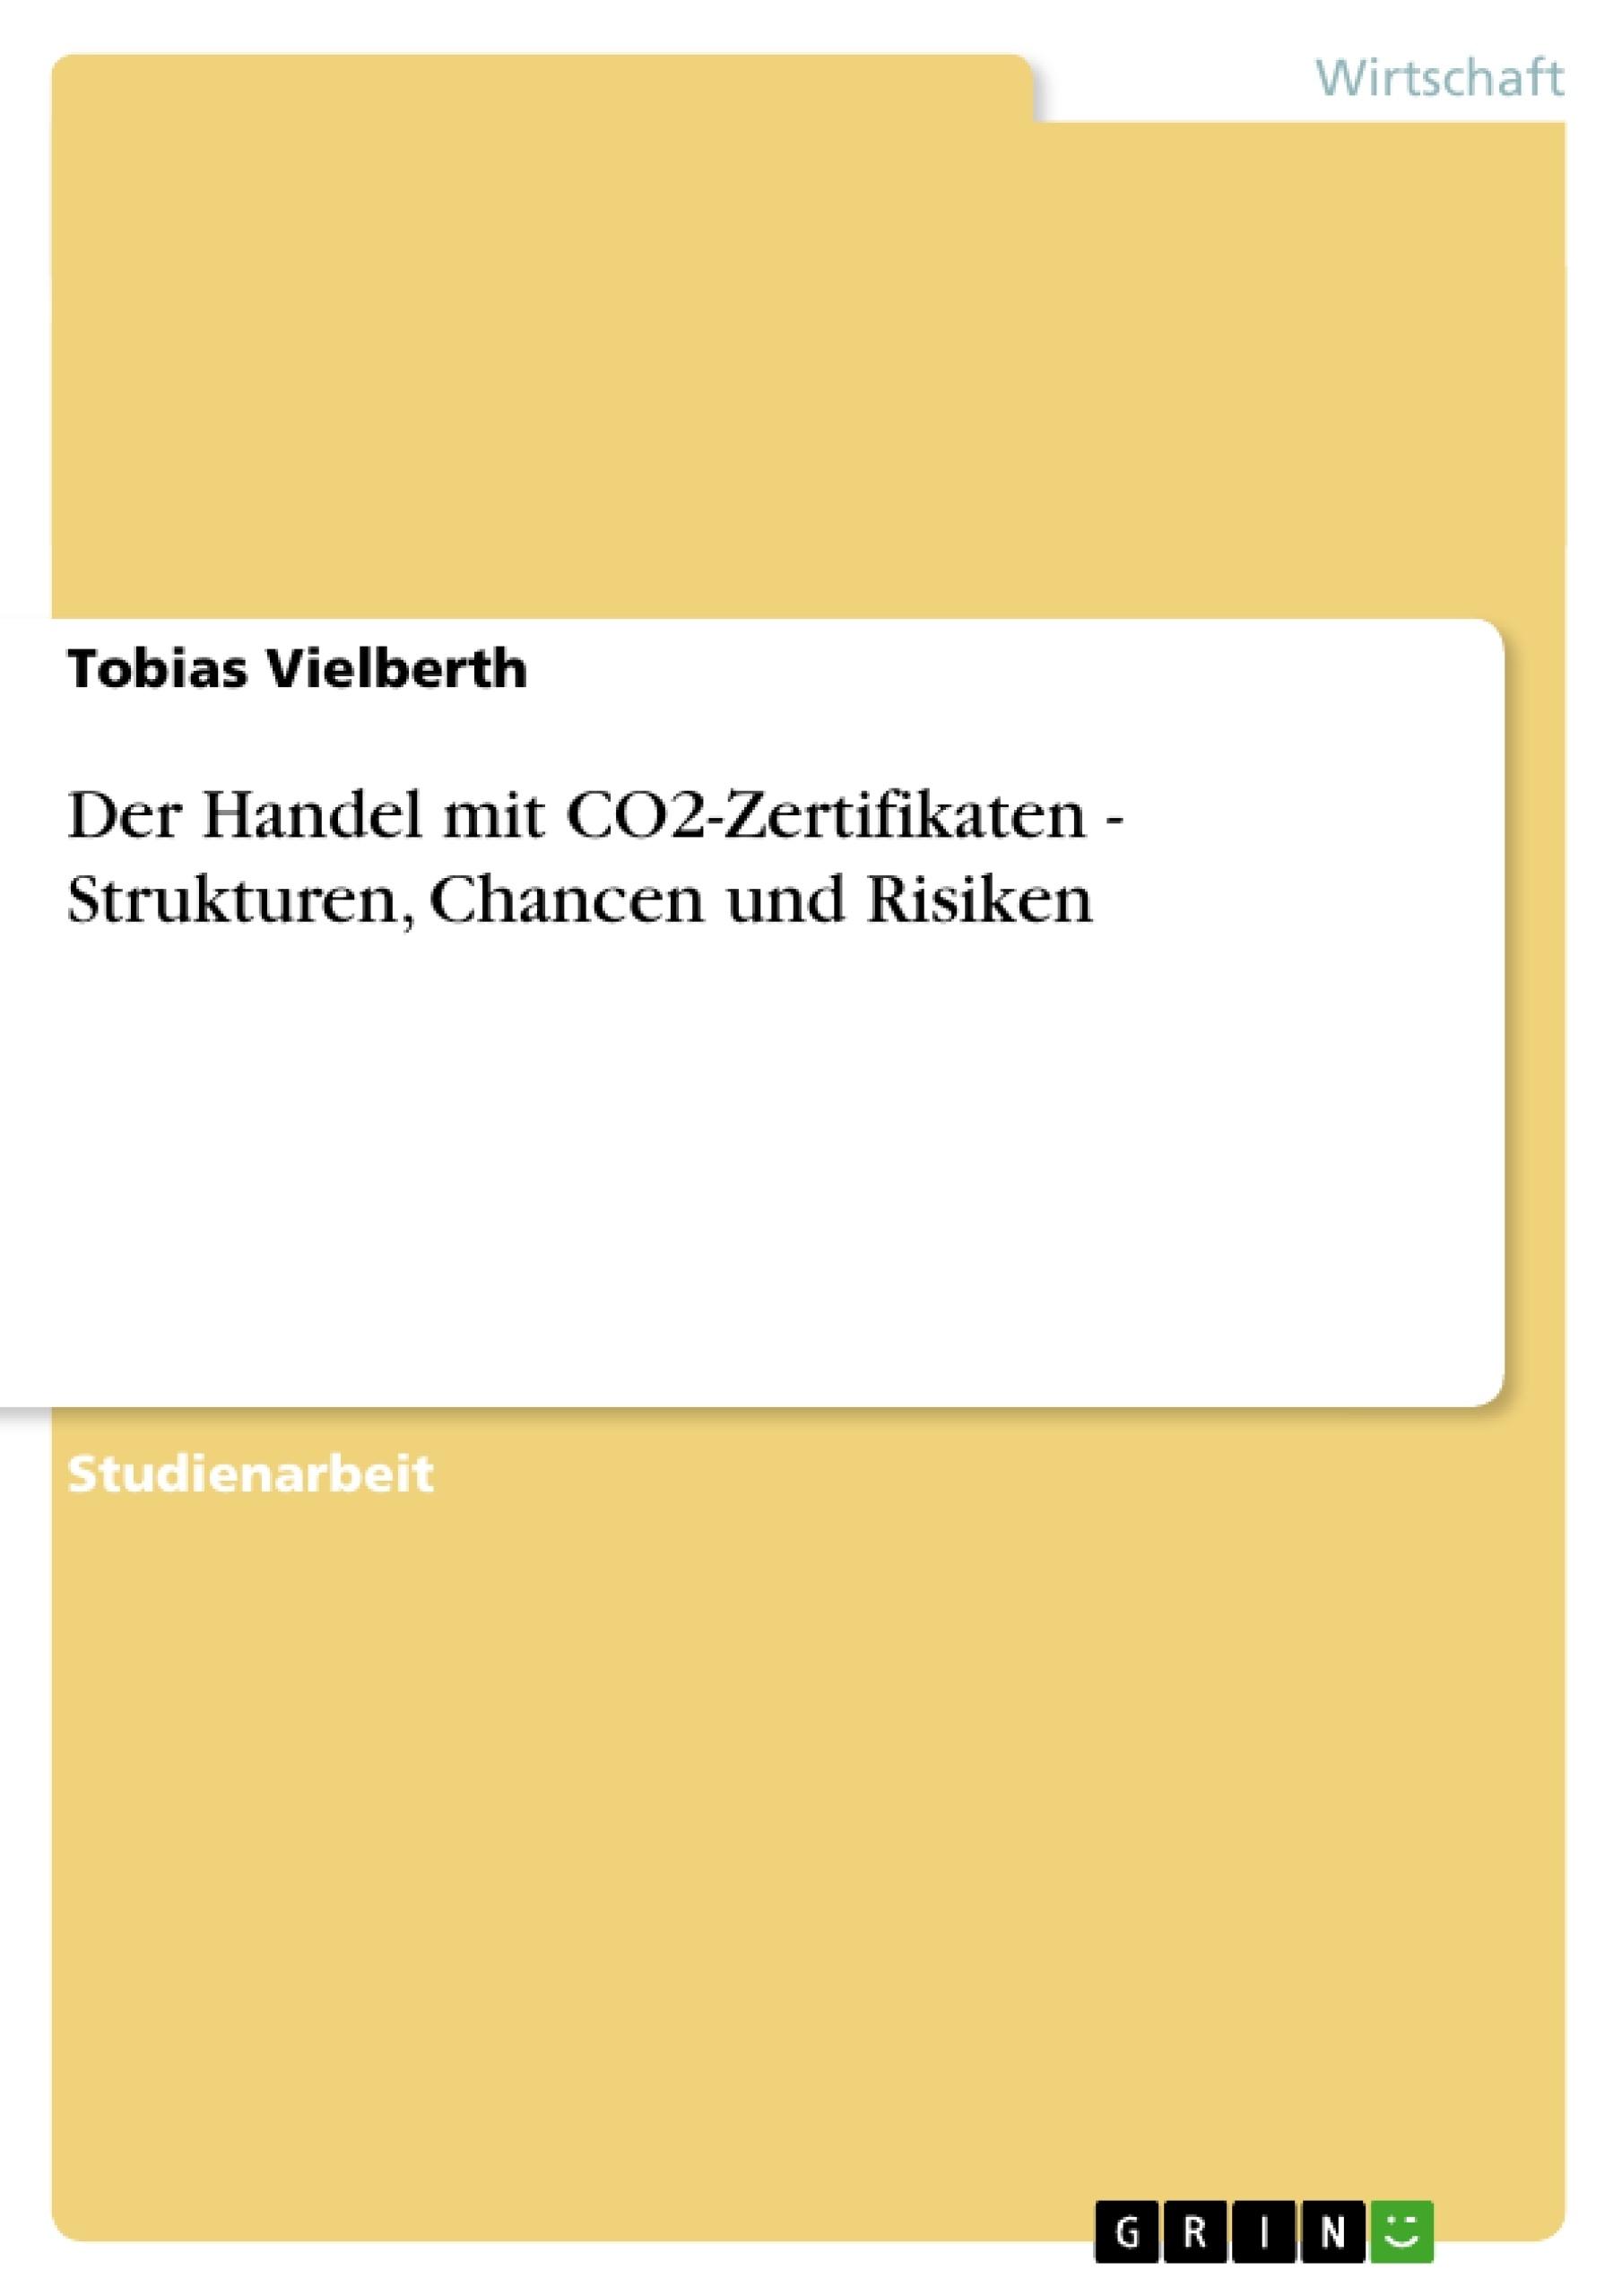 Titel: Der Handel mit CO2-Zertifikaten - Strukturen, Chancen und Risiken